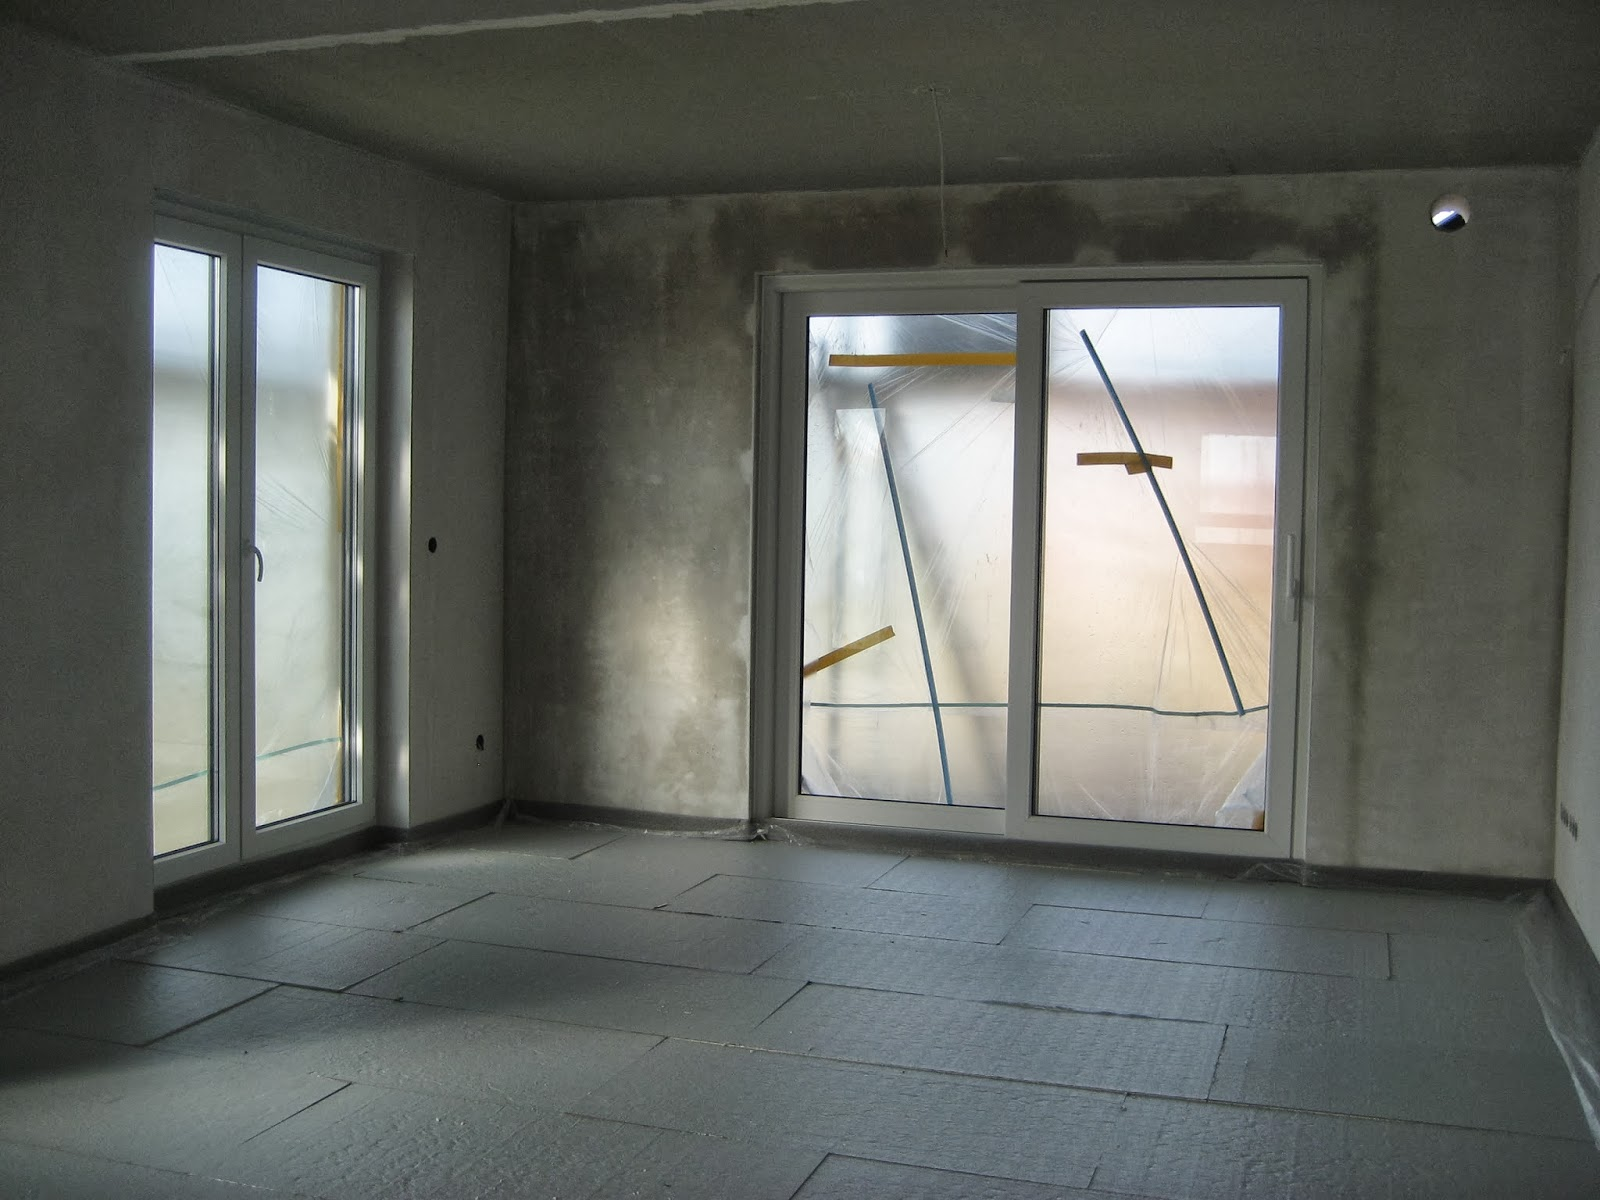 Fußbodendämmung Verlegen ~ Traumhaus voraus: wasseranschlüsse fußbodendämmung & heizschleifen